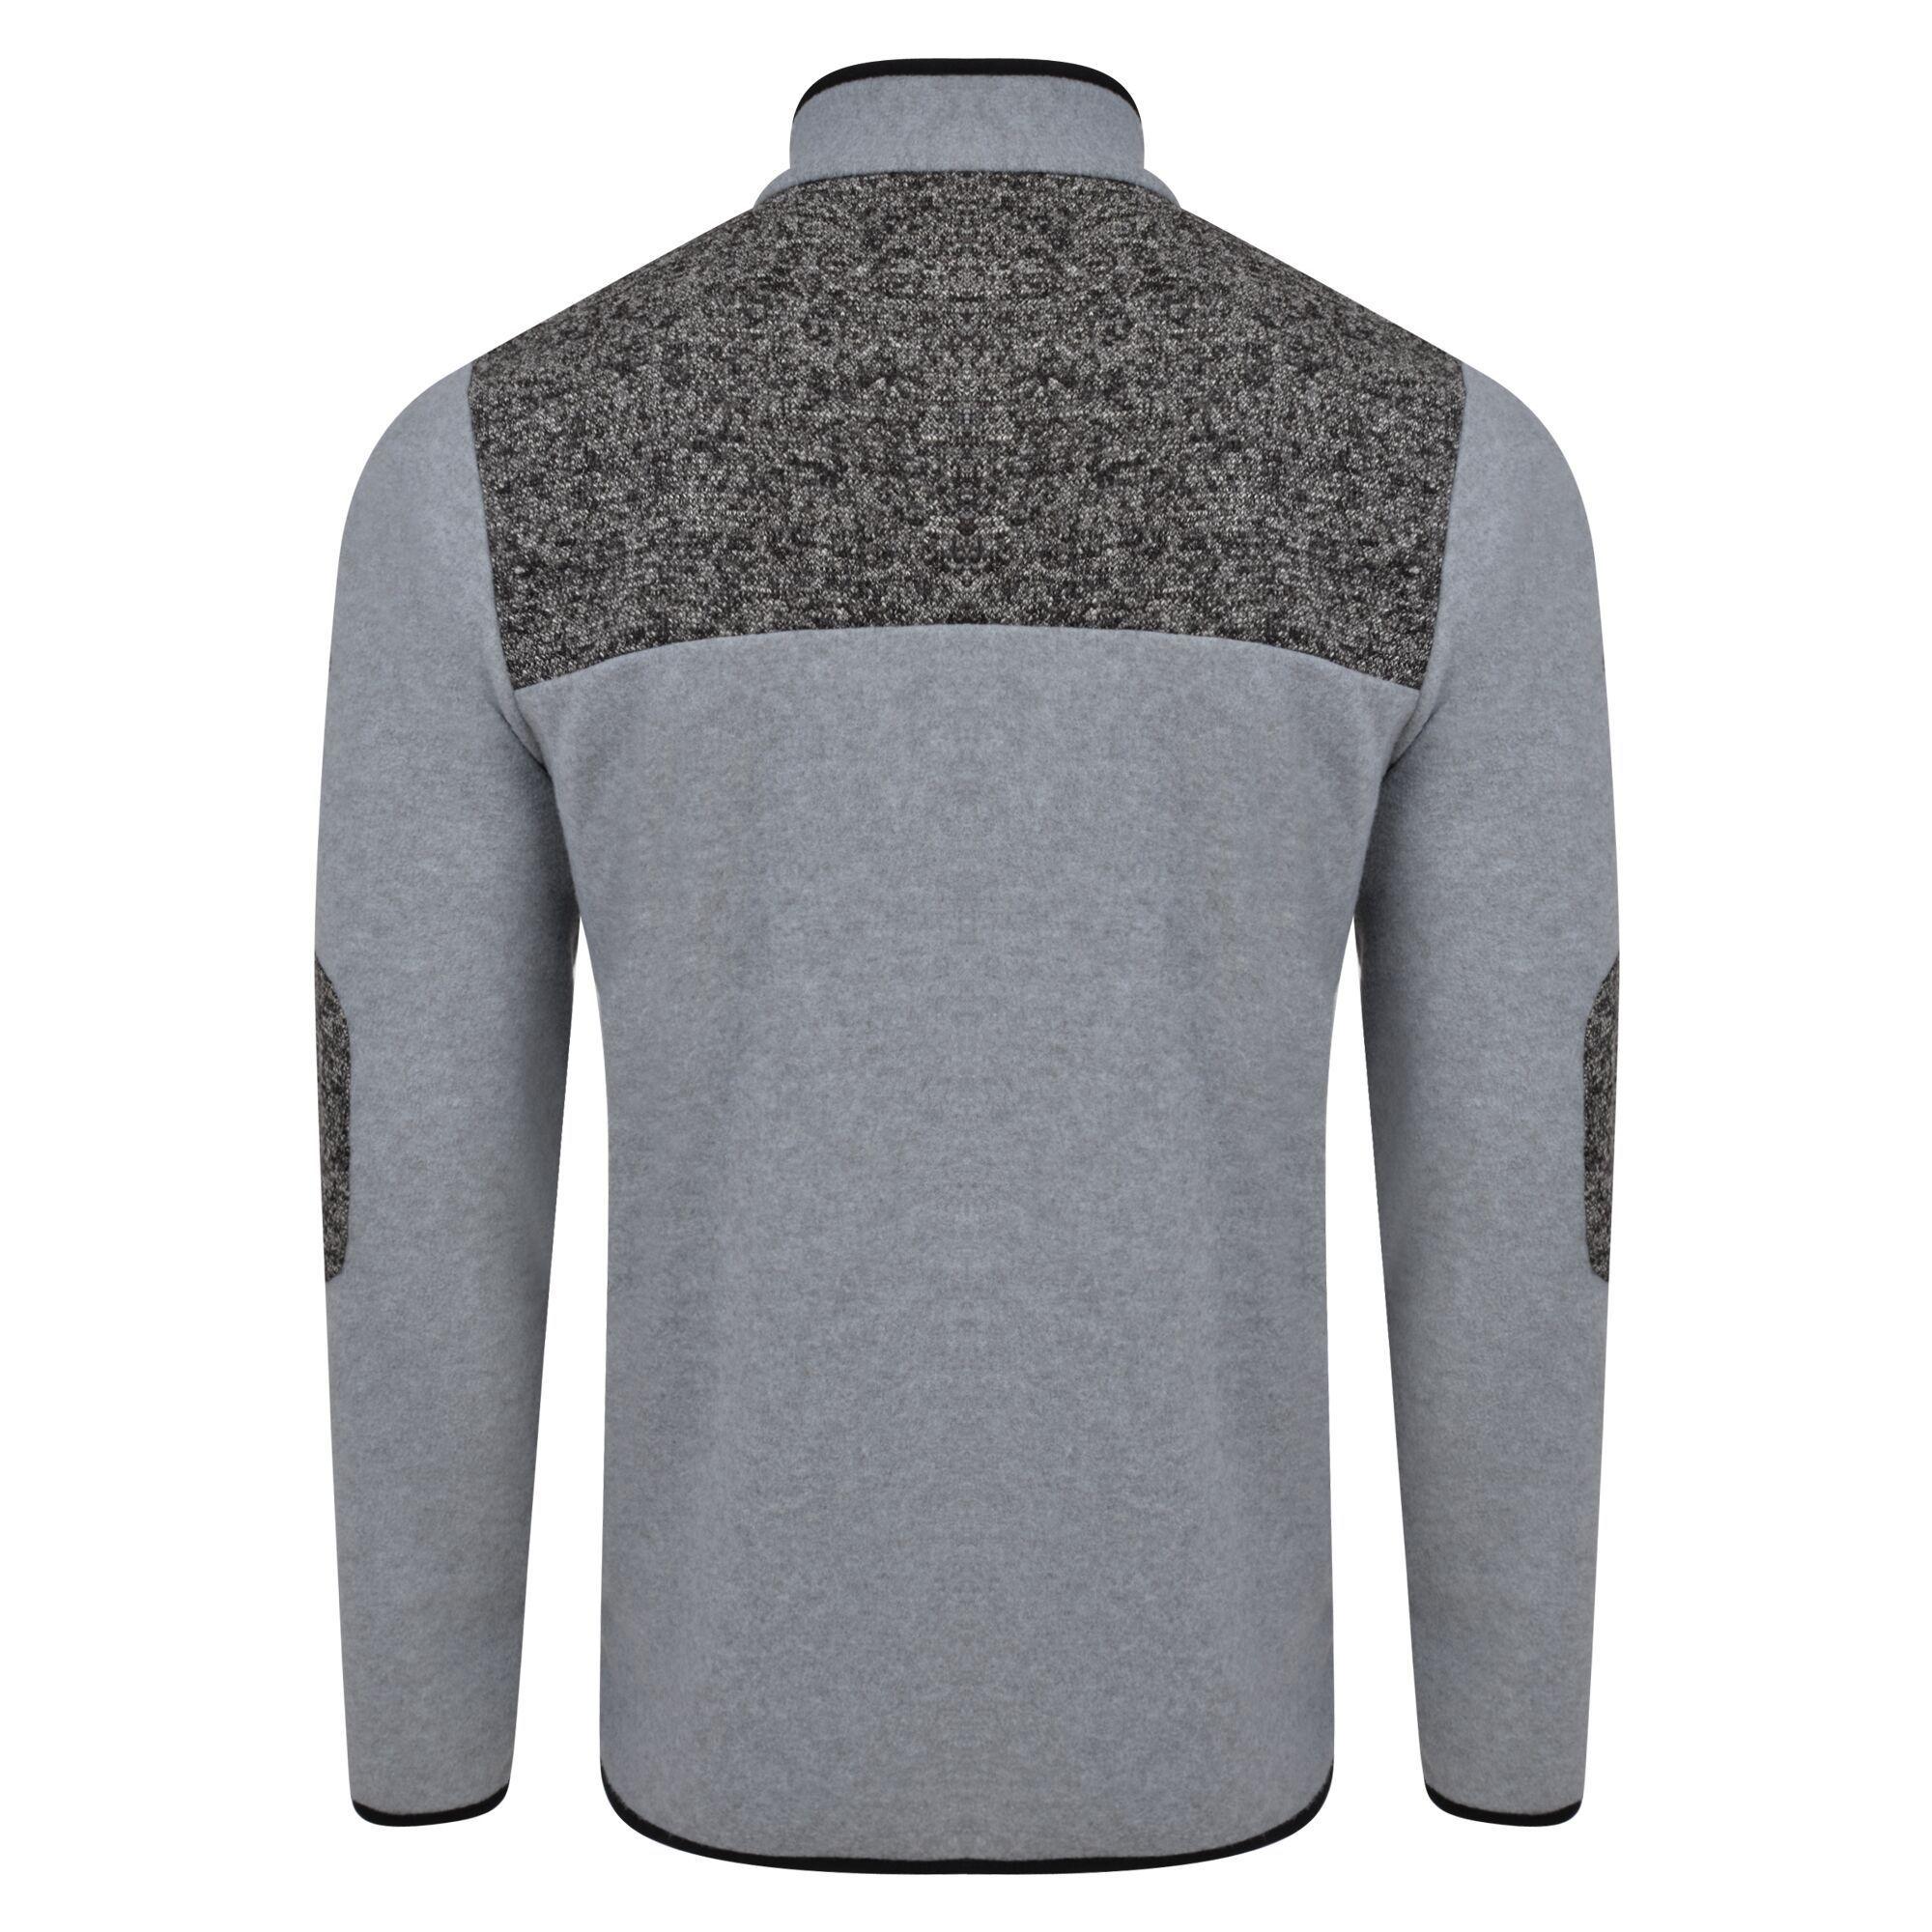 Dare 2B Mens Incluse Full Zip Knit Effect Fleece Sweater